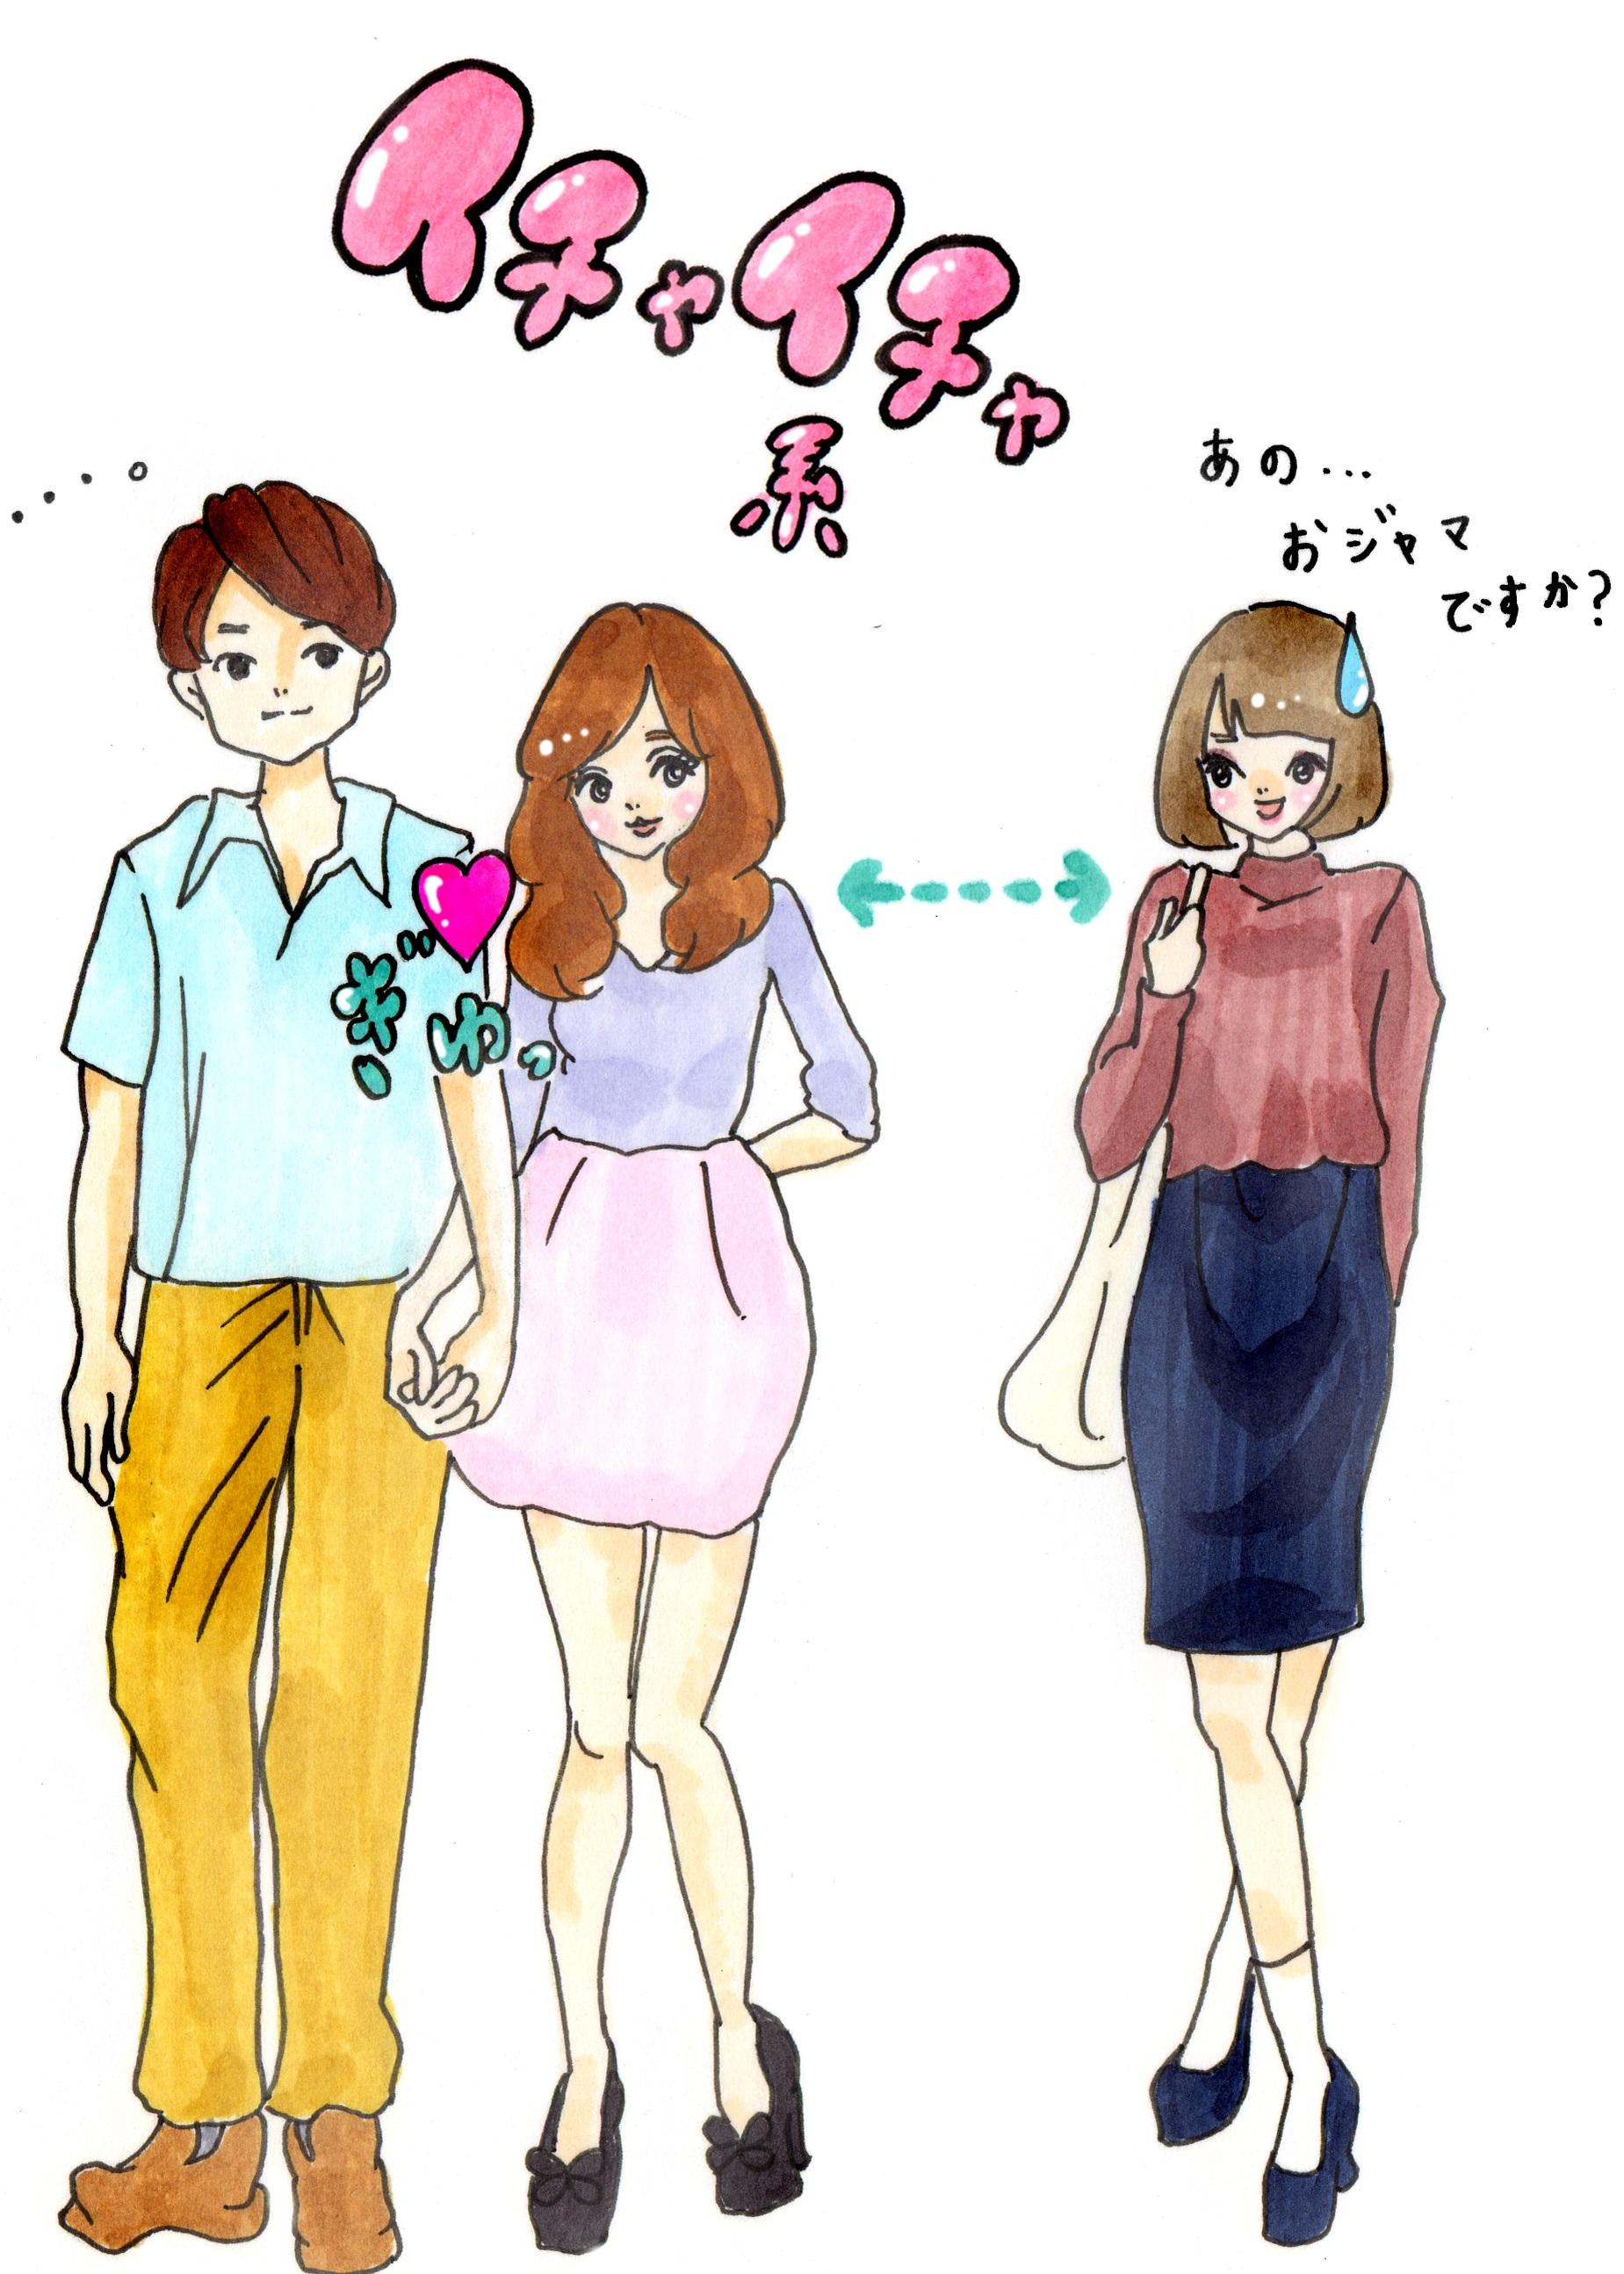 彼氏を女友達に紹介したがる女子の特徴。ゴリゴリ系&イチャイチャ系彼女